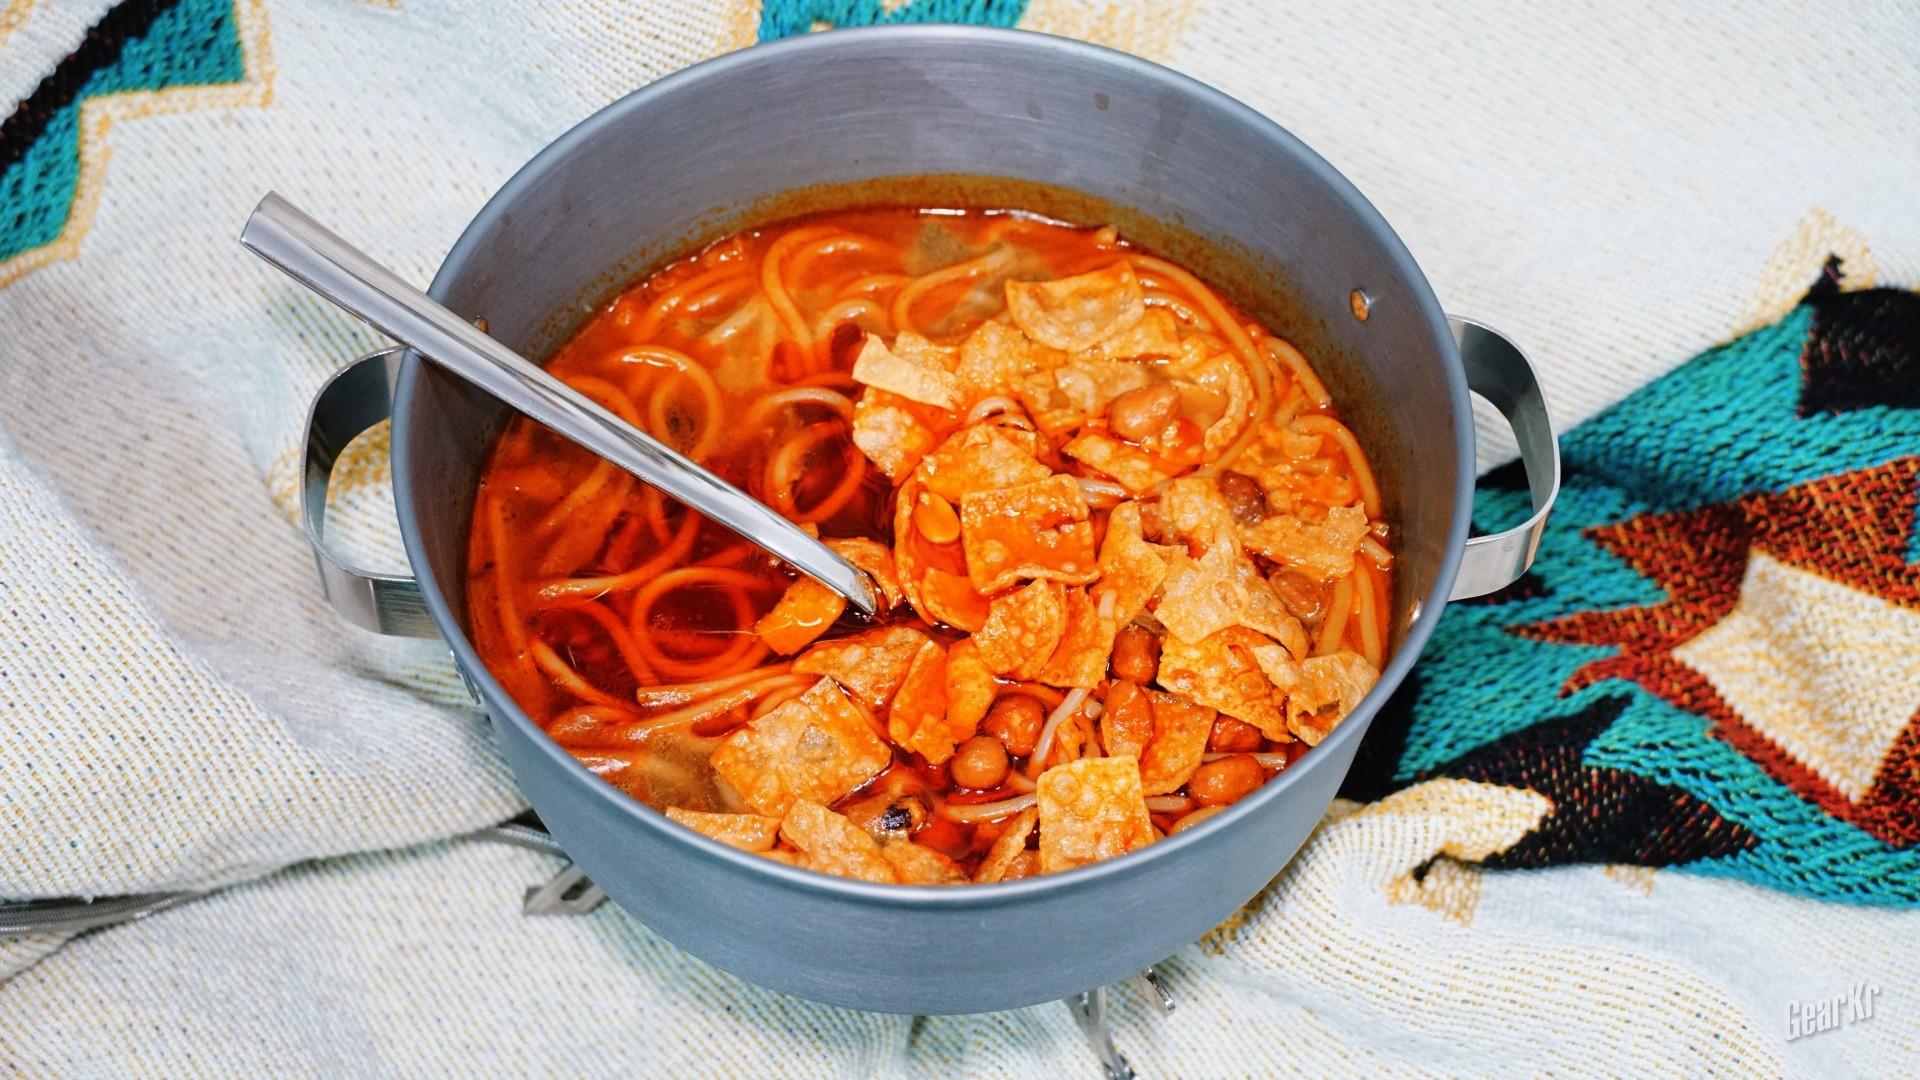 别人用枫盛宴汤锅煮螺螺蛳汤,我却顺手在里面加了一碗粉